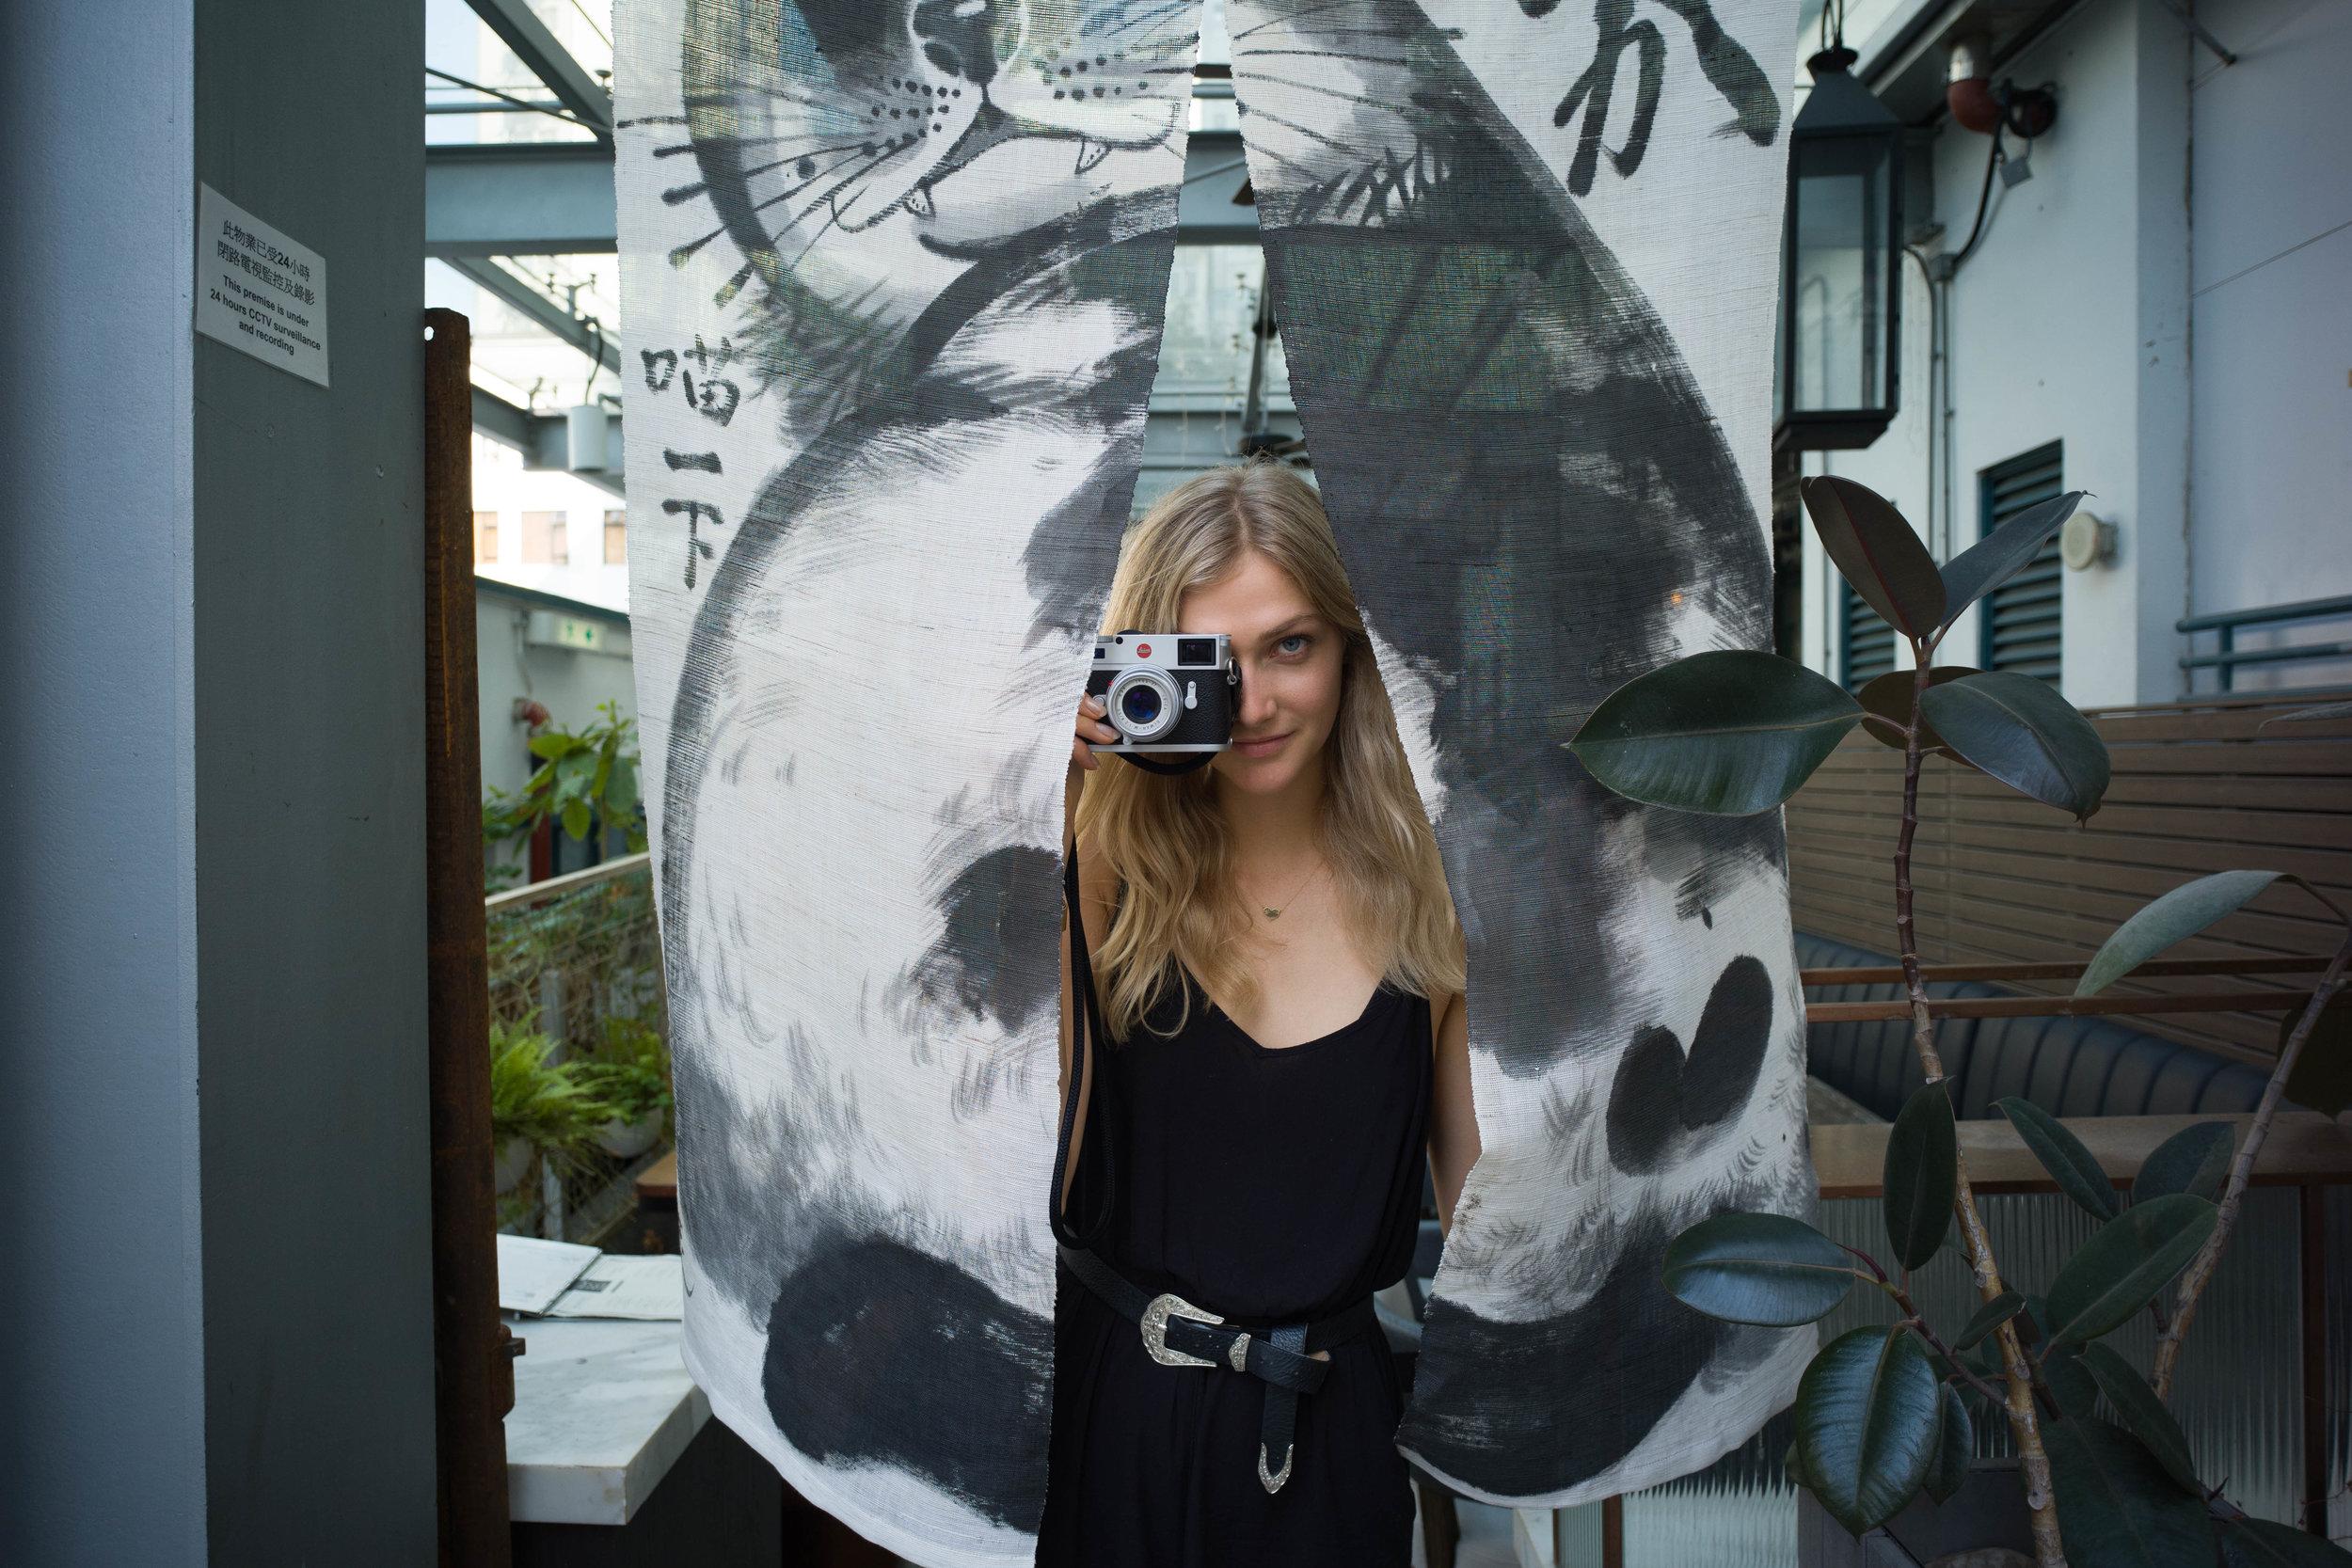 Leica M10-P + Voigtländer 21mm f/4 Color Skopar-M - ISO 400, 1/180s, f/4- Similar framing